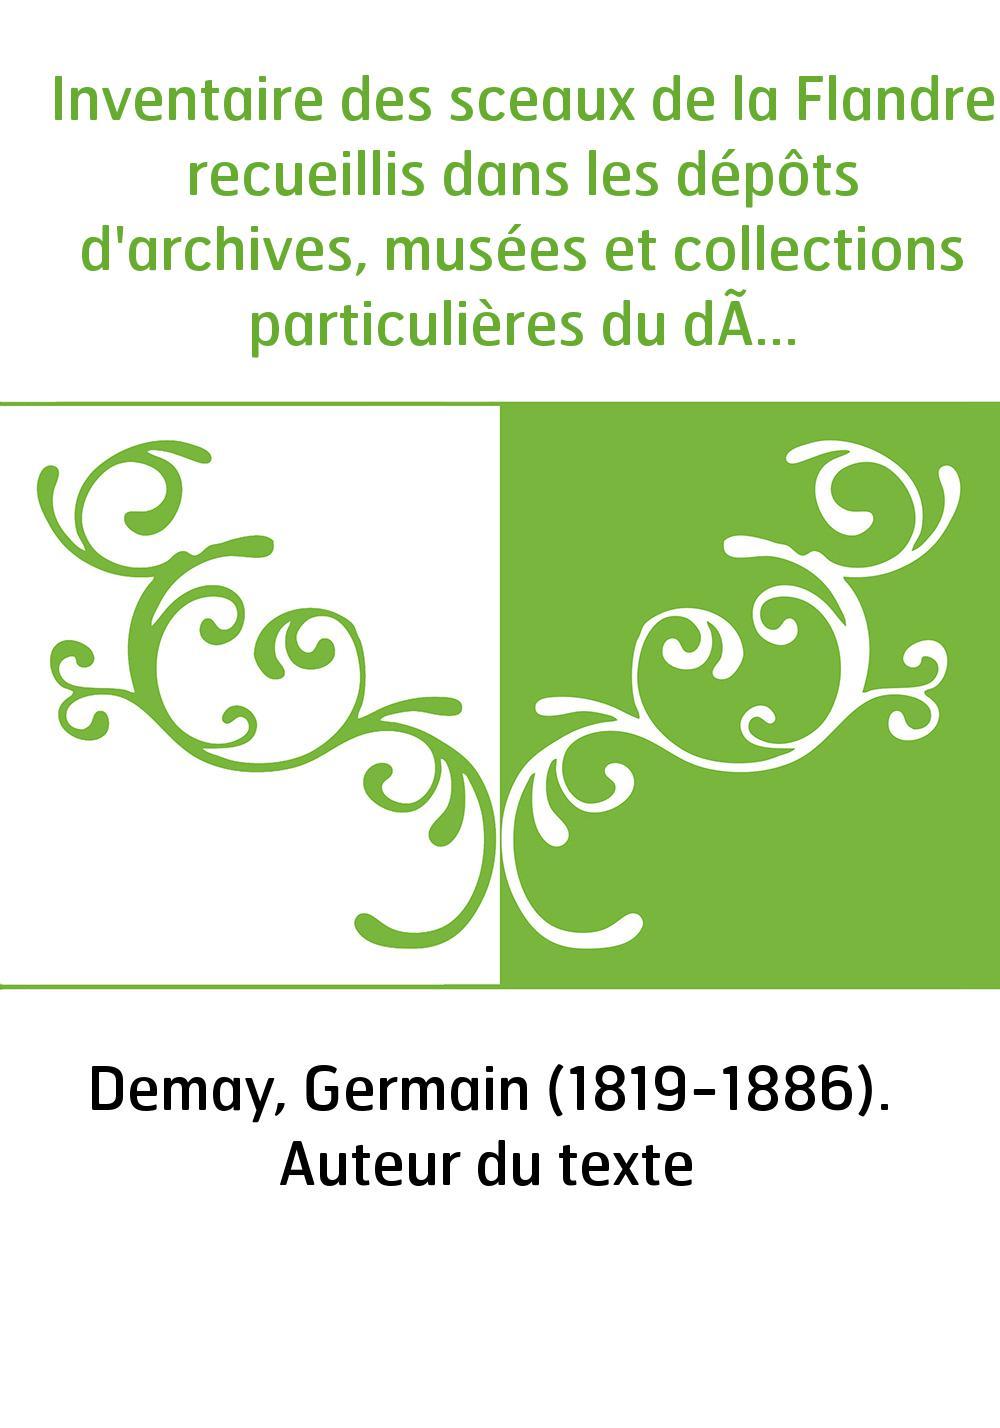 Inventaire des sceaux de la Flandre recueillis dans les dépôts d'archives, musées et collections particulières du département du